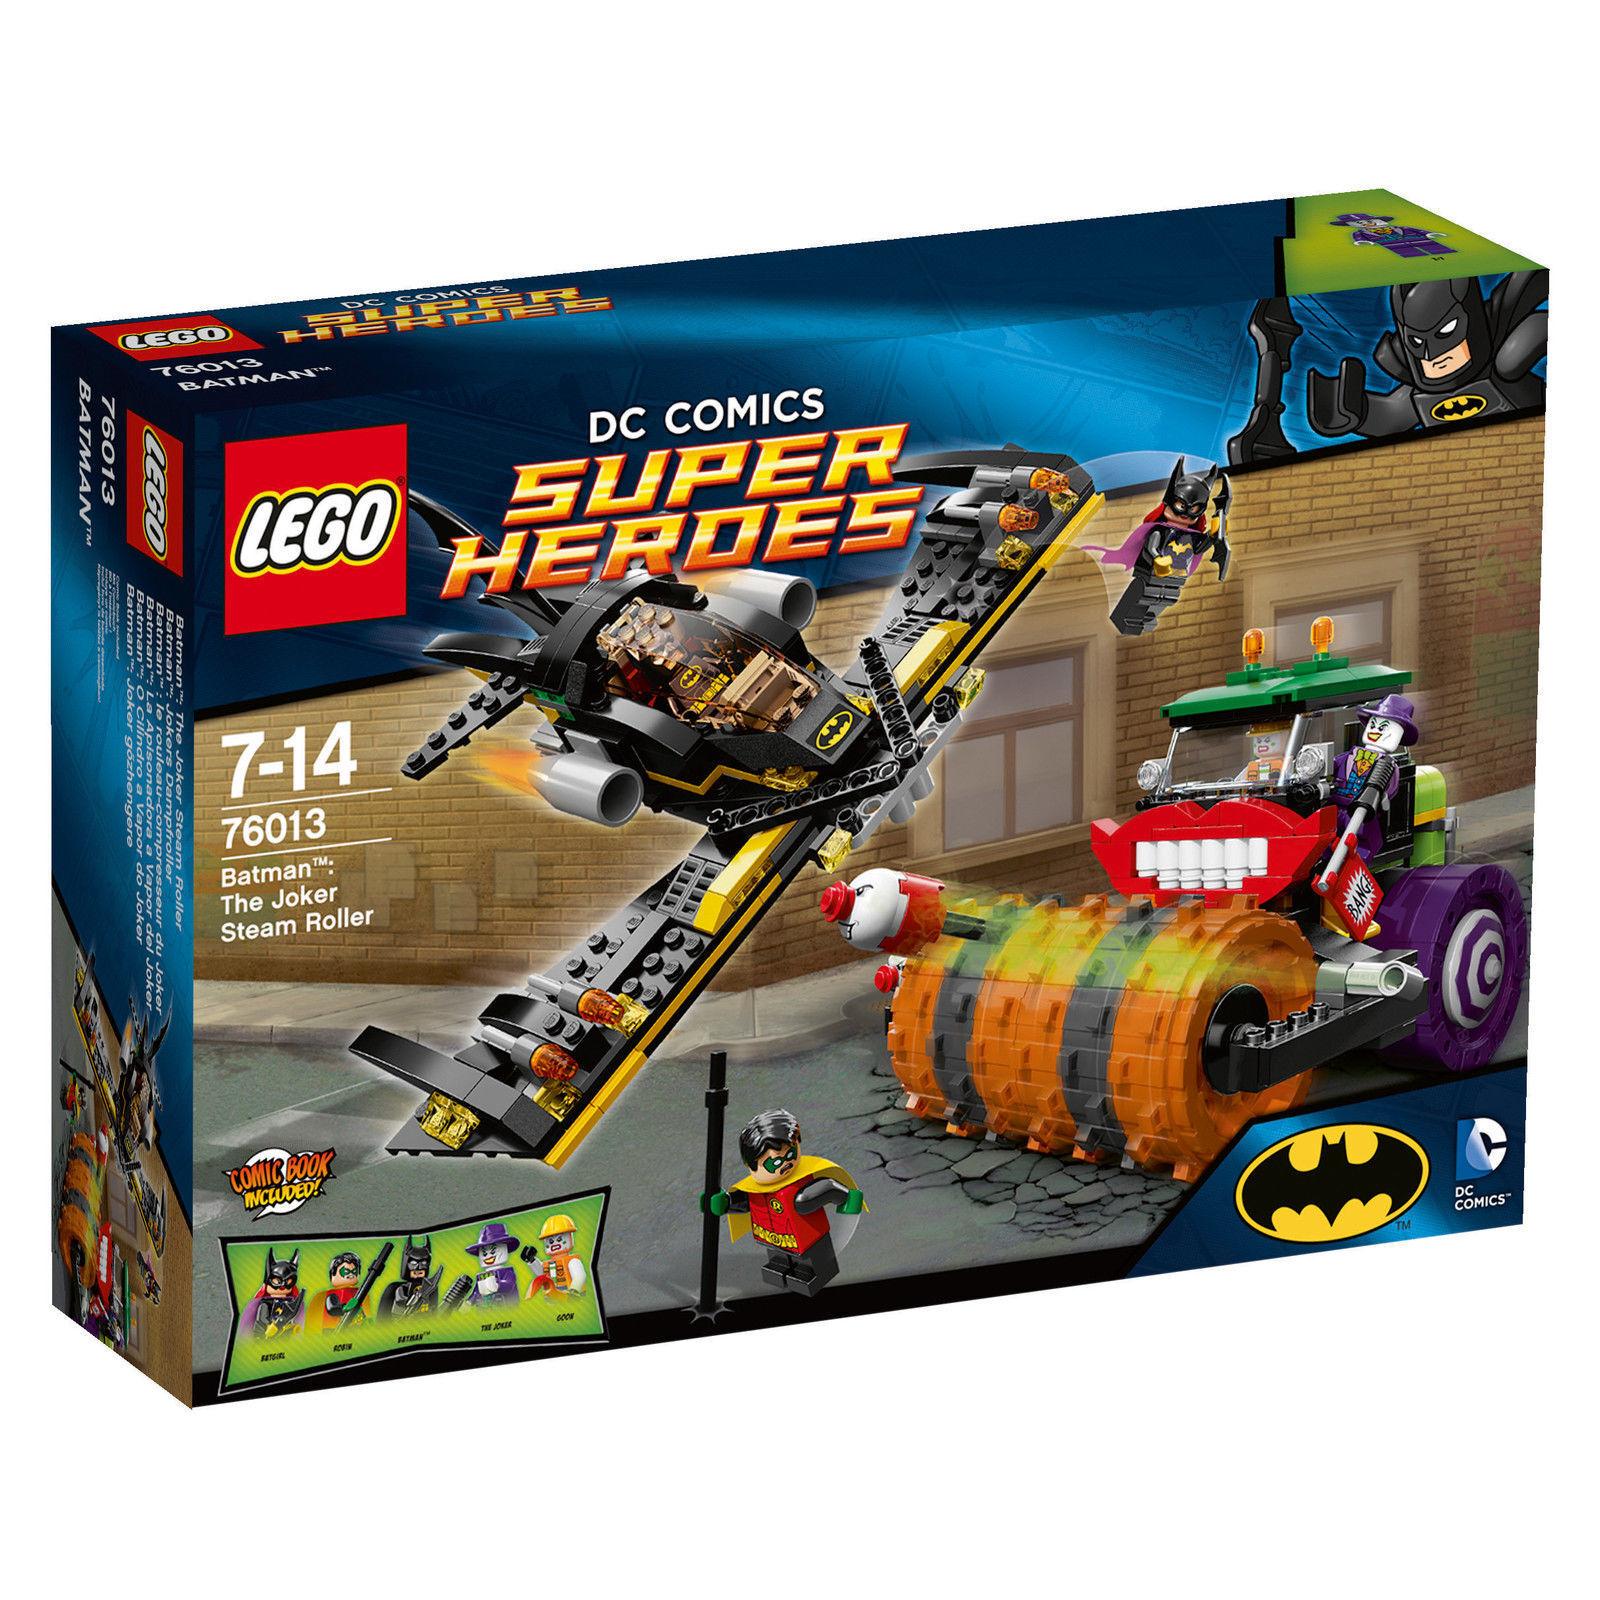 LEGO DC  Comics Super Heroes 76013 Bathomme  The Joker Steam Roller NOUVEAU & NEUF dans sa boîte  exclusif